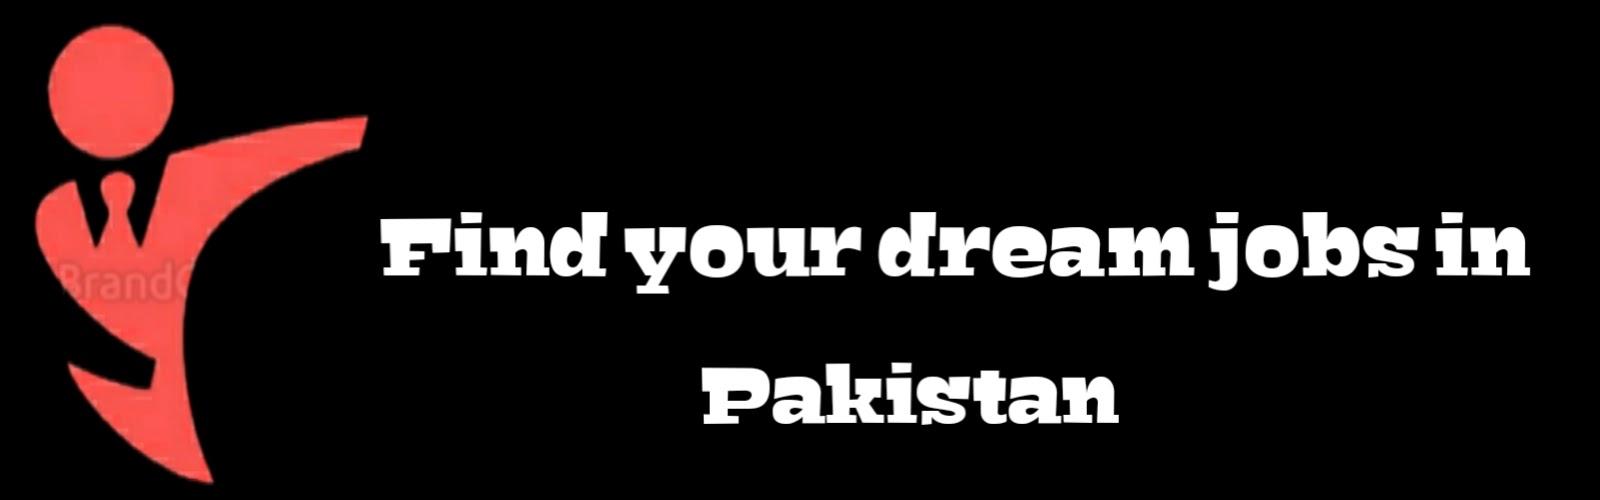 latest govt jobs In Pakistan | Official Jobz-careers jobs portal in pakistan